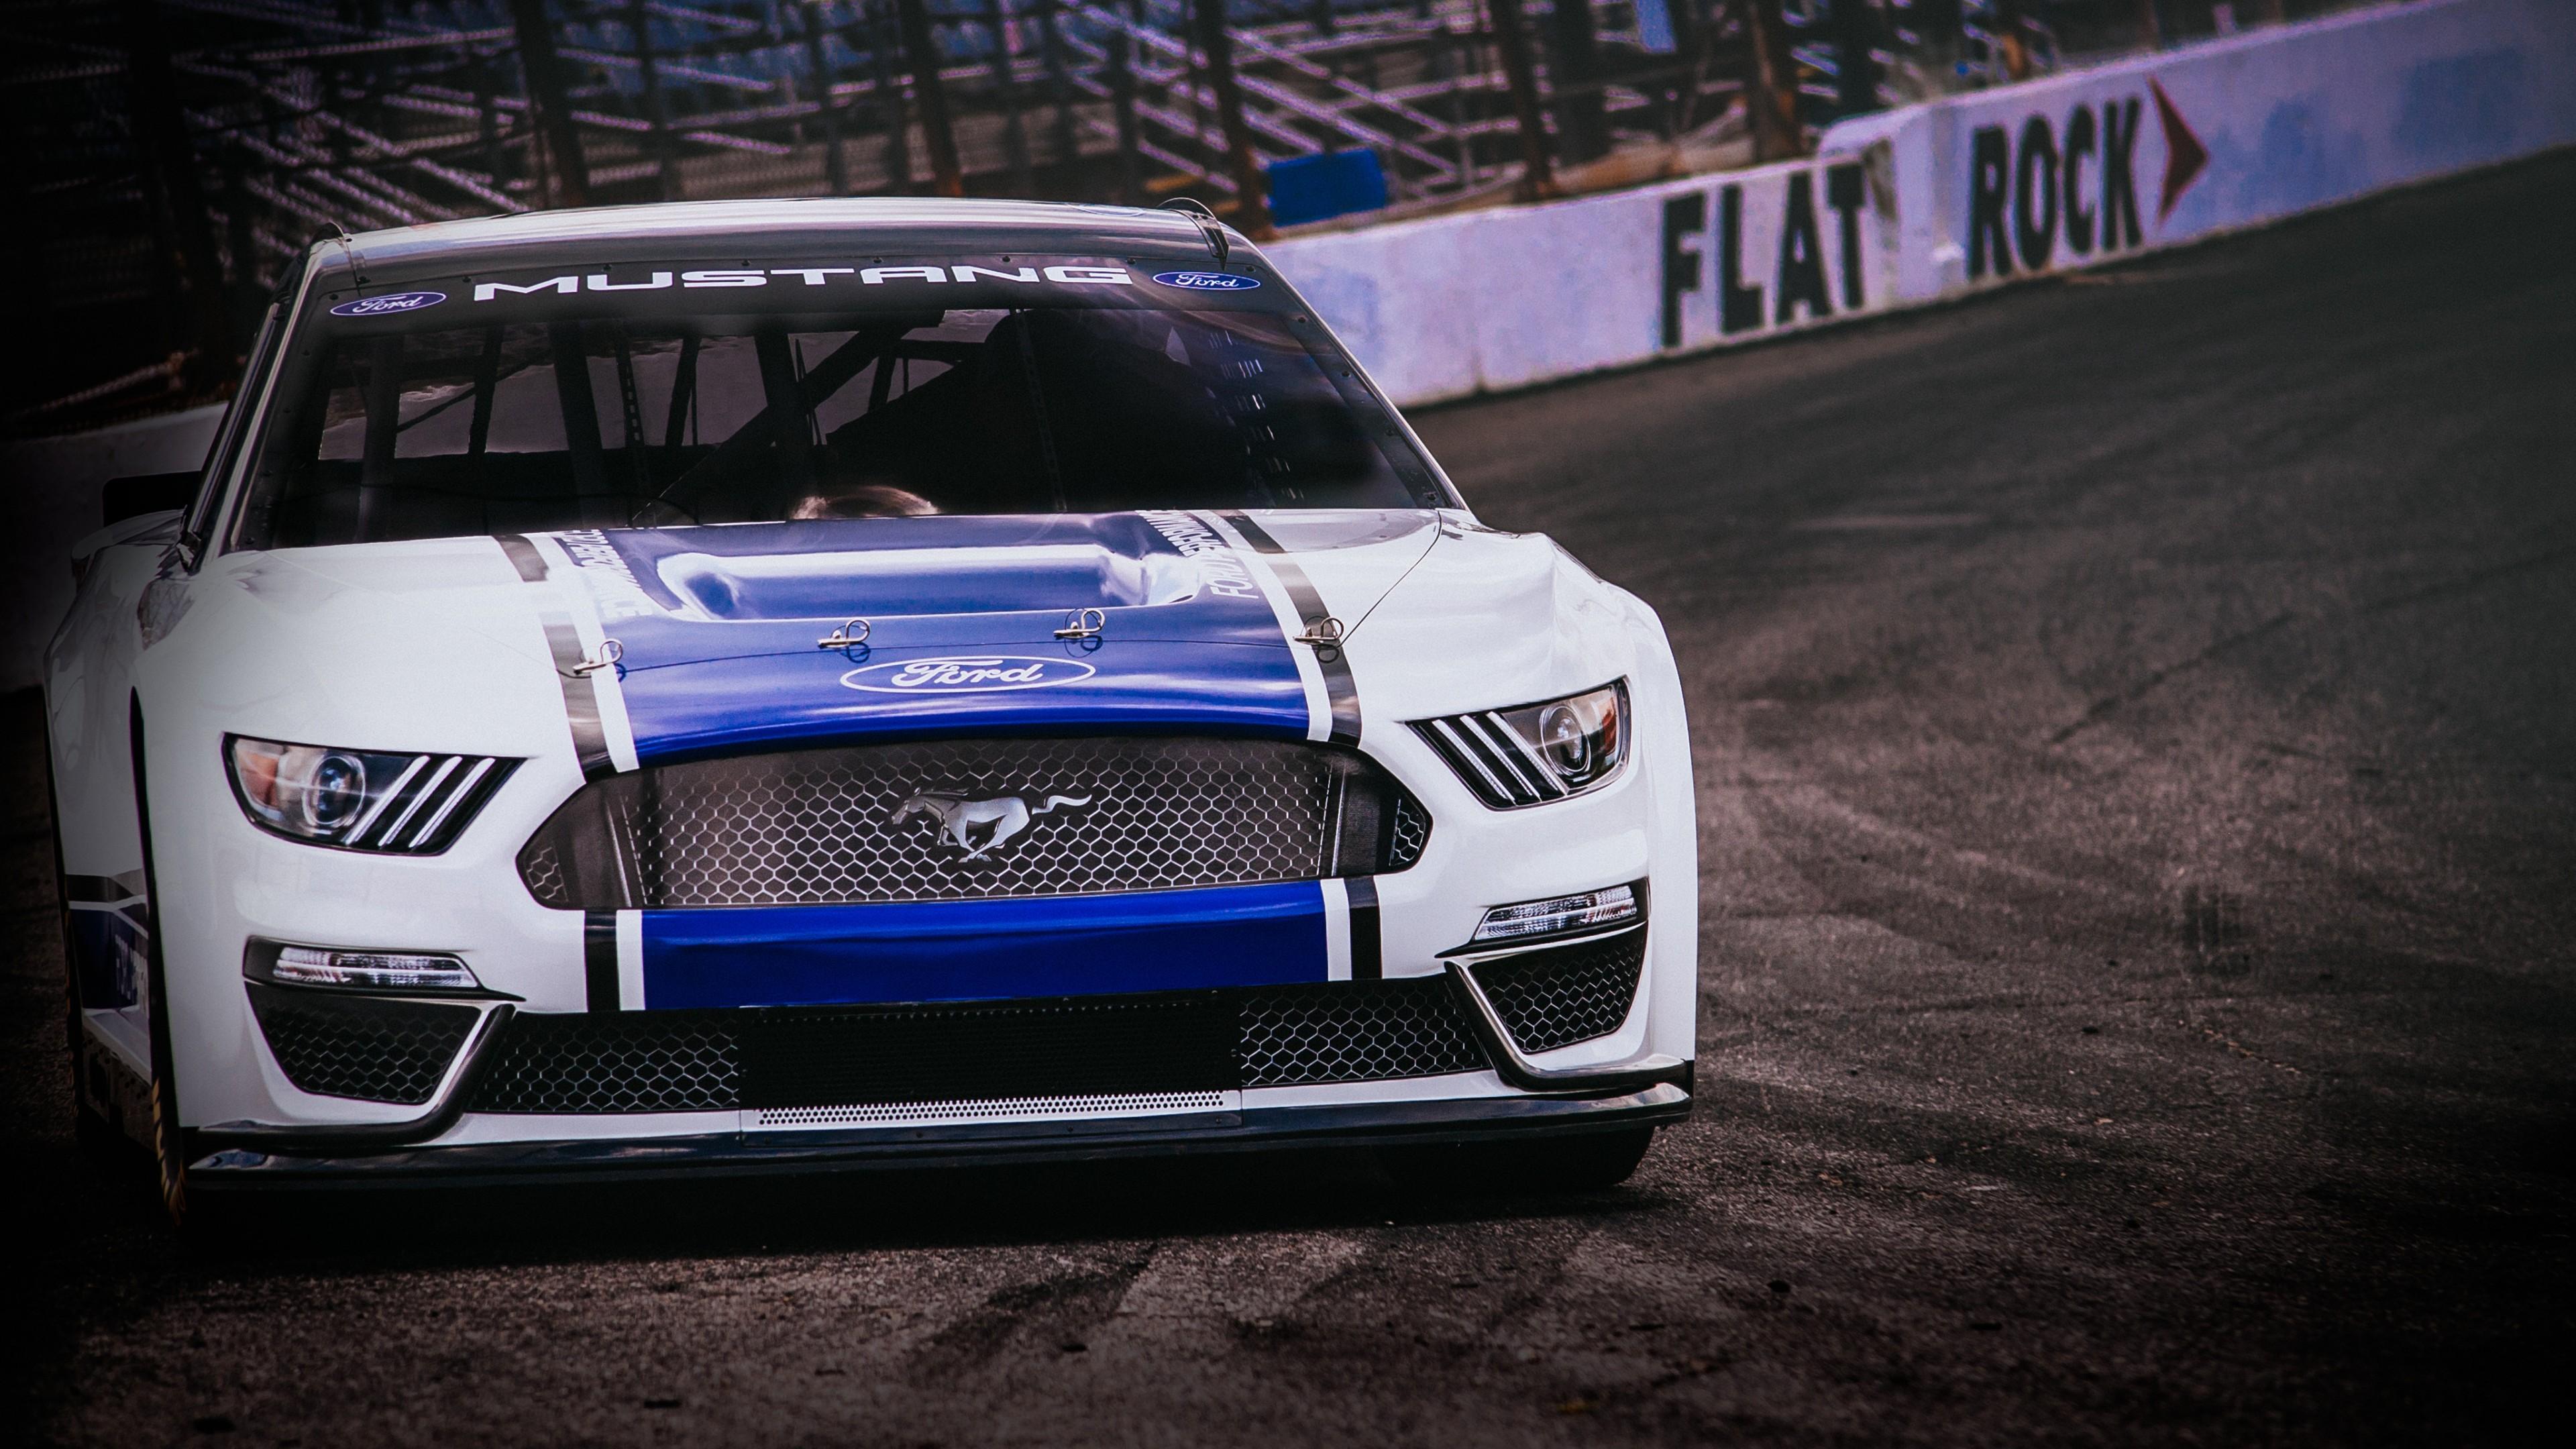 Бело-синий спортивный автомобиль с эмблемой Мустанга